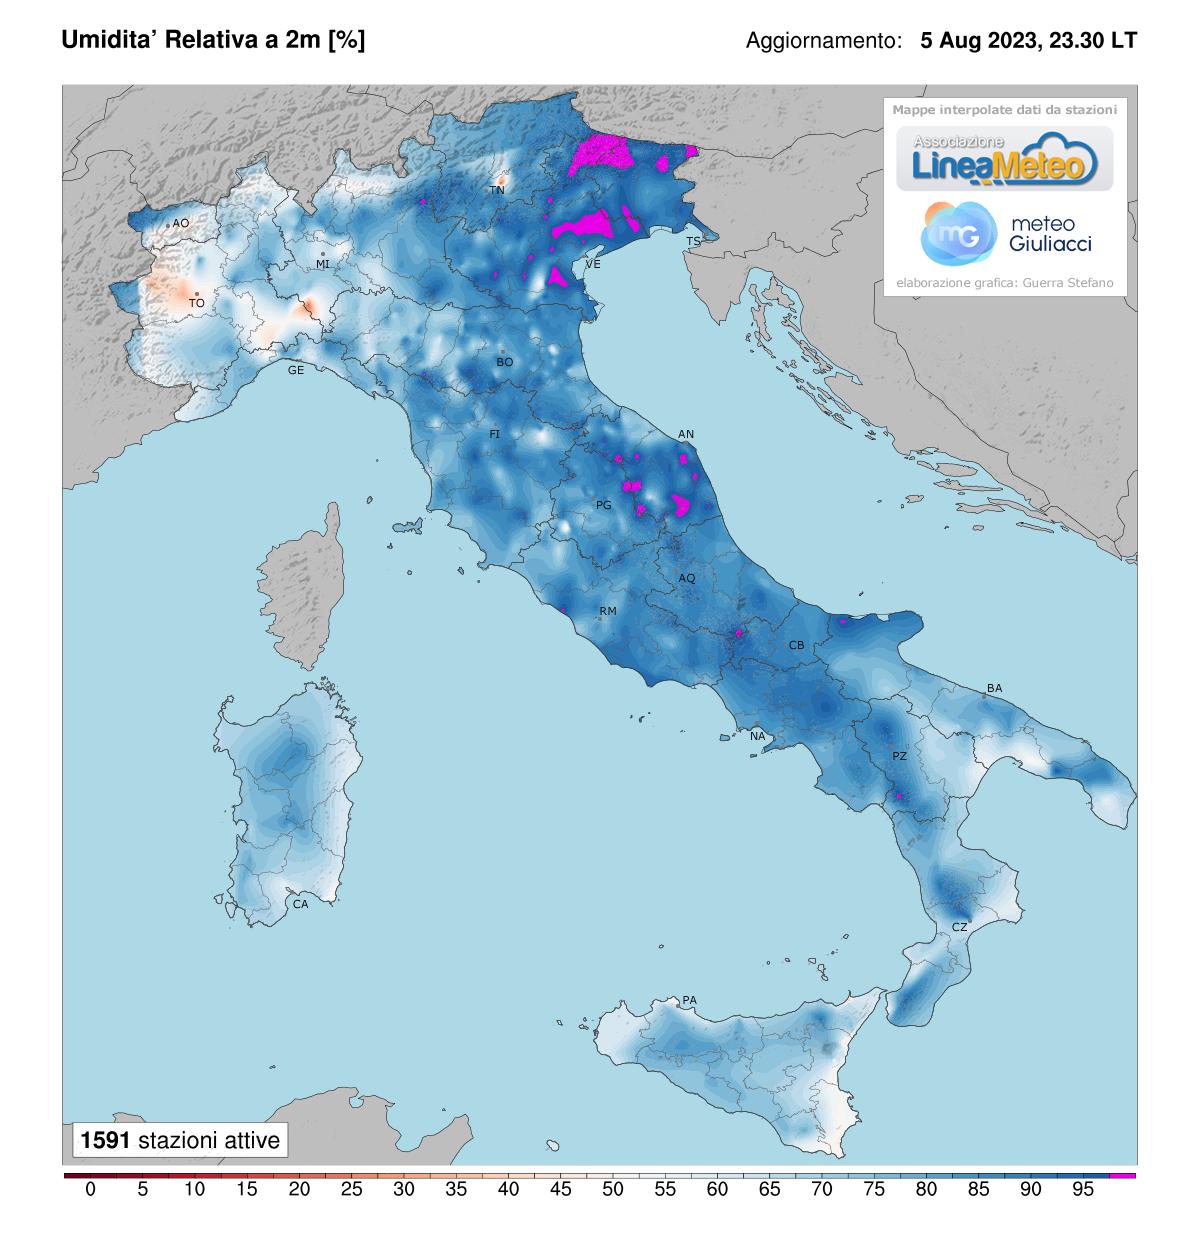 Umidità relativa Italia